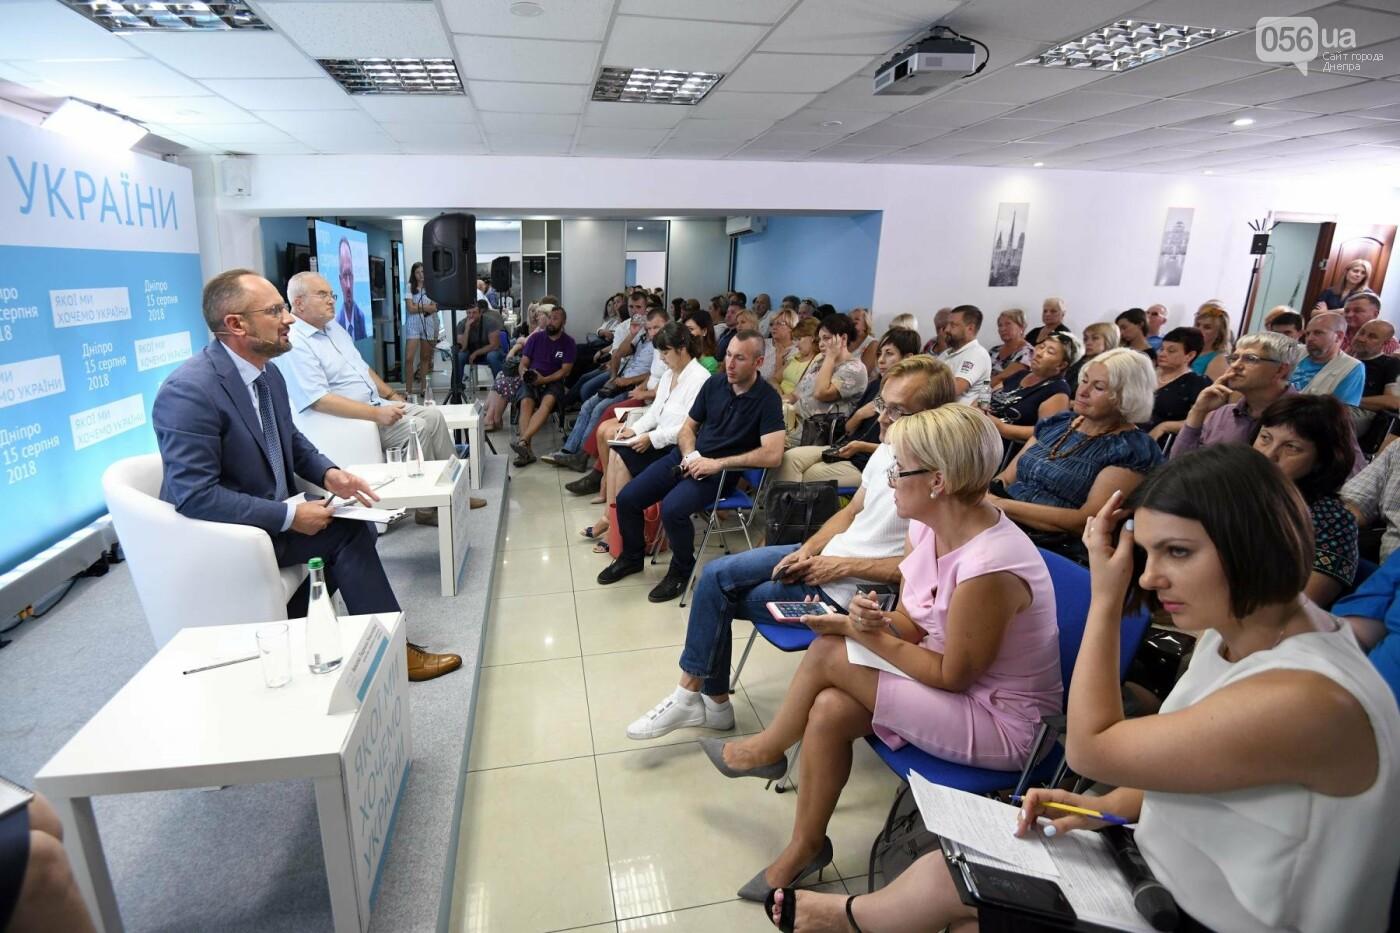 Роман Бессмертный провел встречу в Днепре и рассказал, как нужно возвращать Донбасс, - ФОТО, фото-1